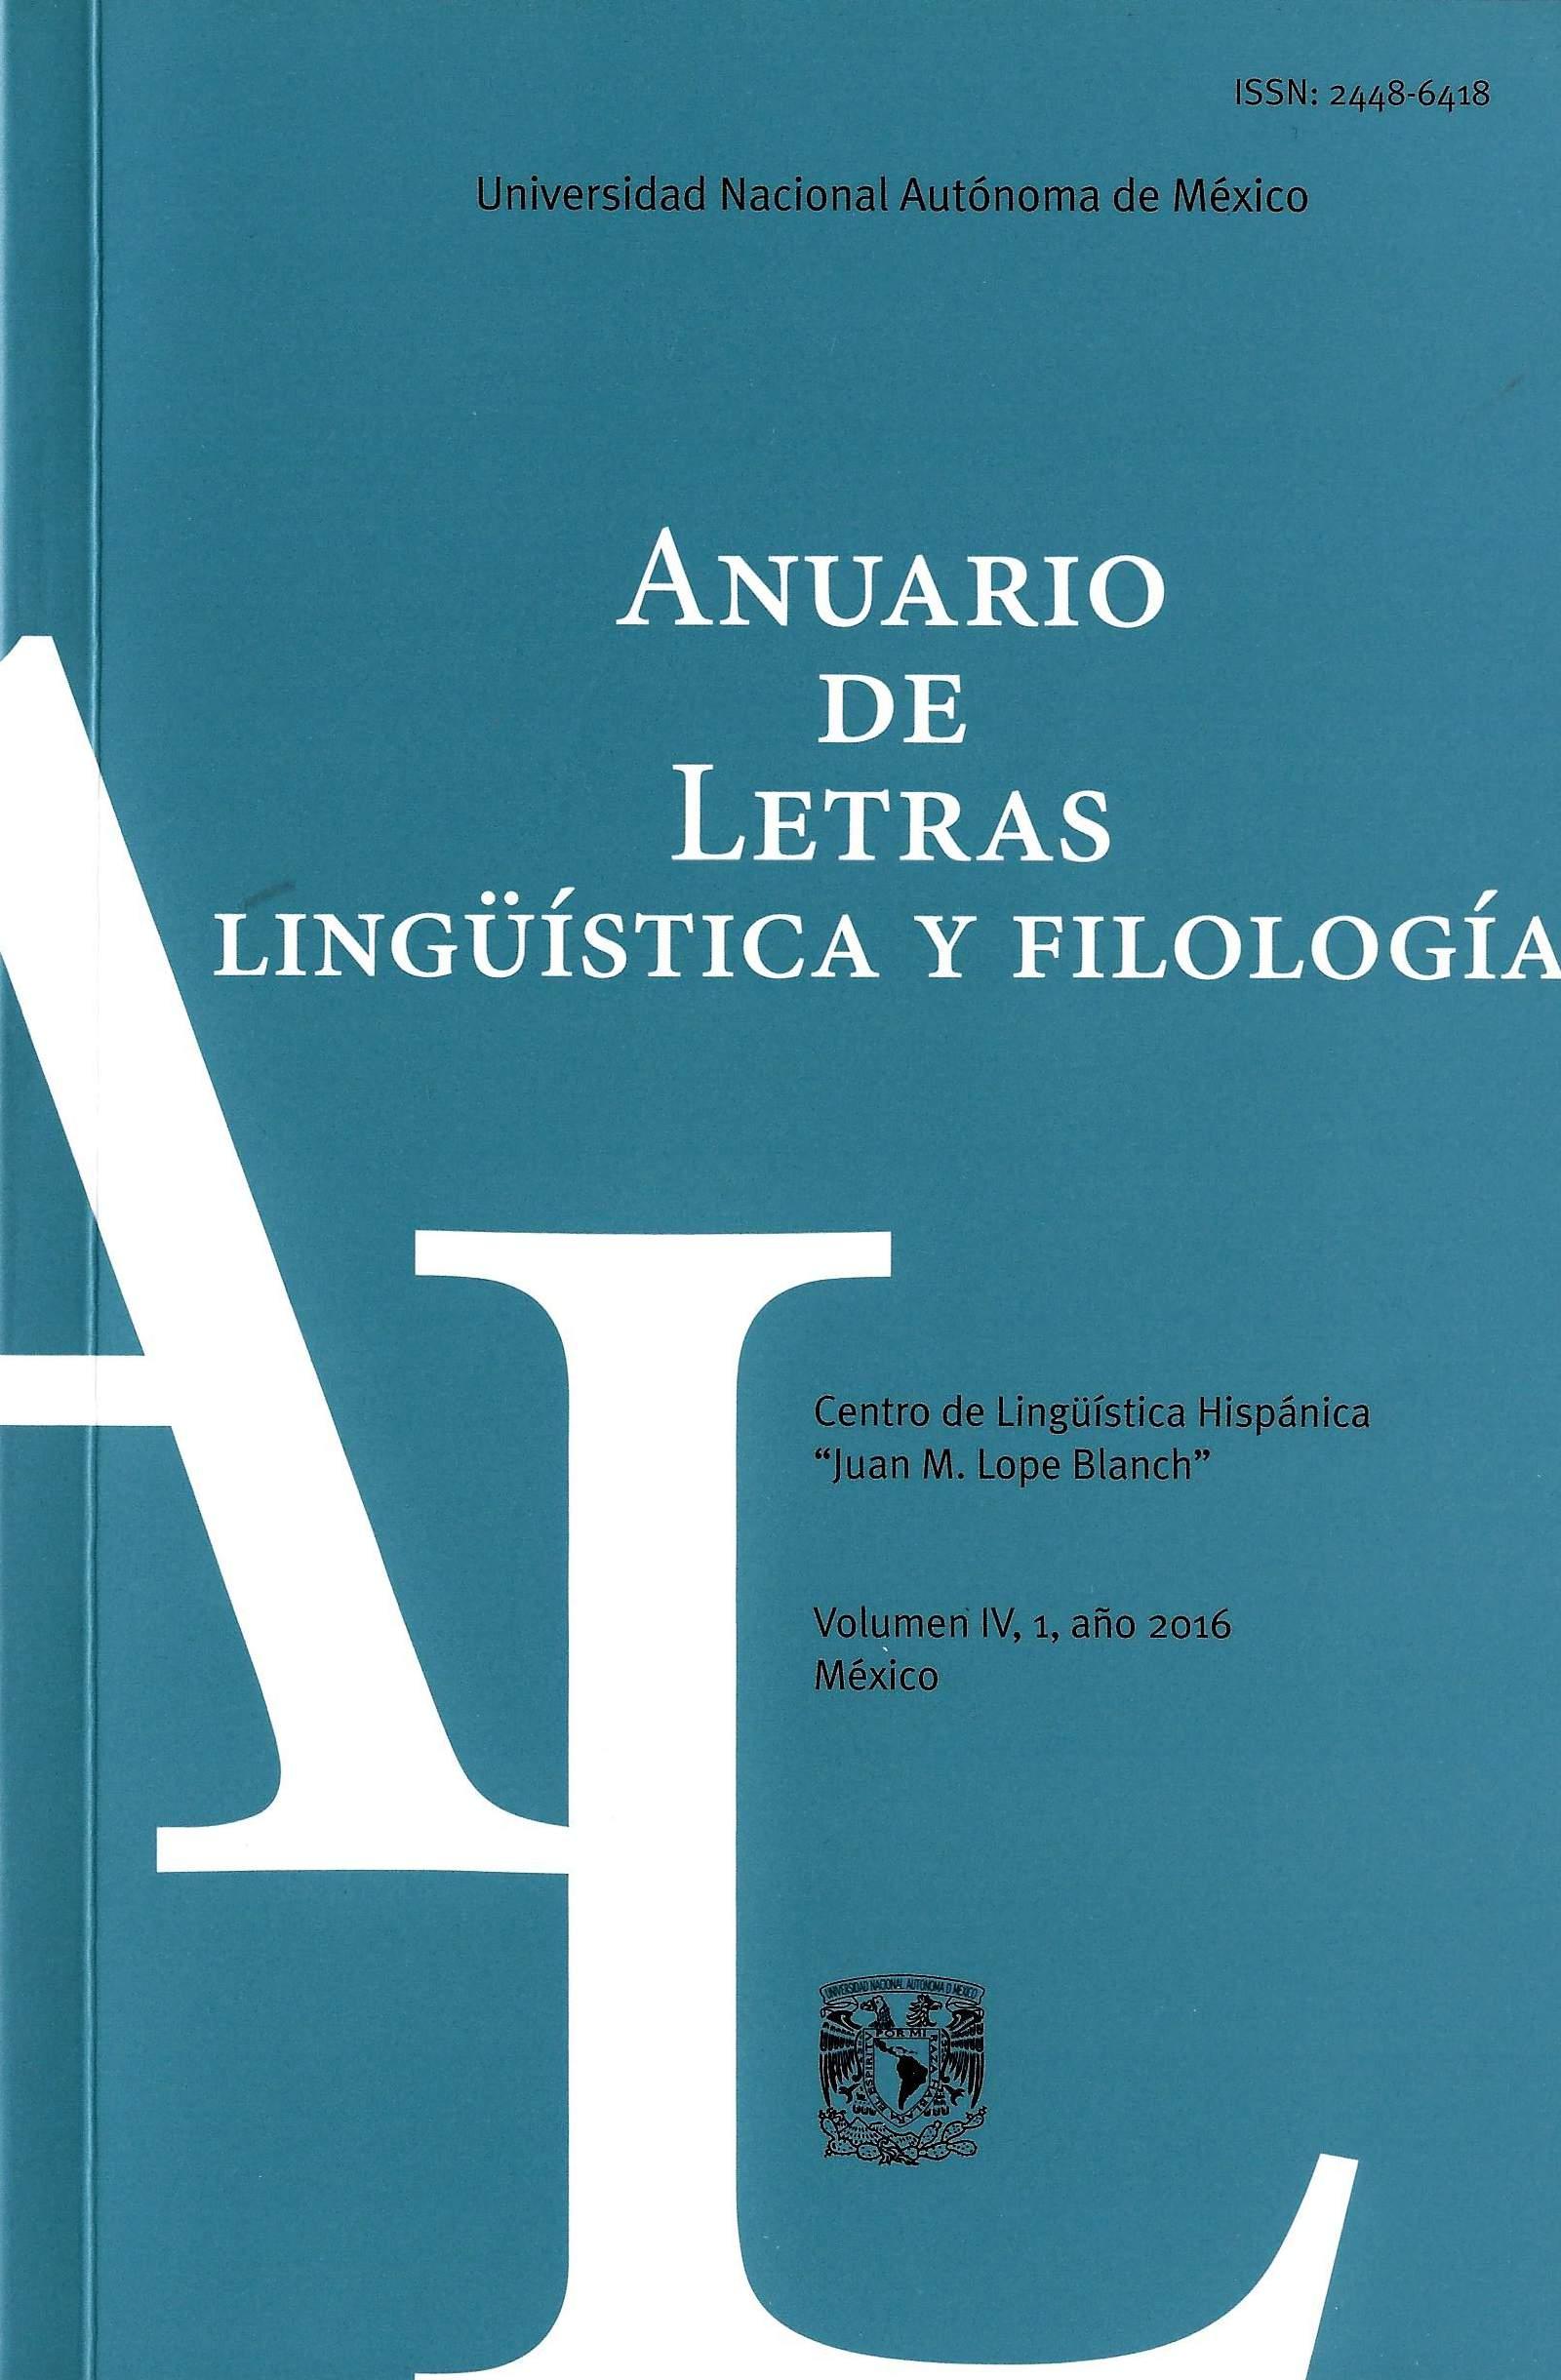 Anuario de Letras. Lingüística y Filología, vol. IV, núm 1 (enero-junio de 2016)